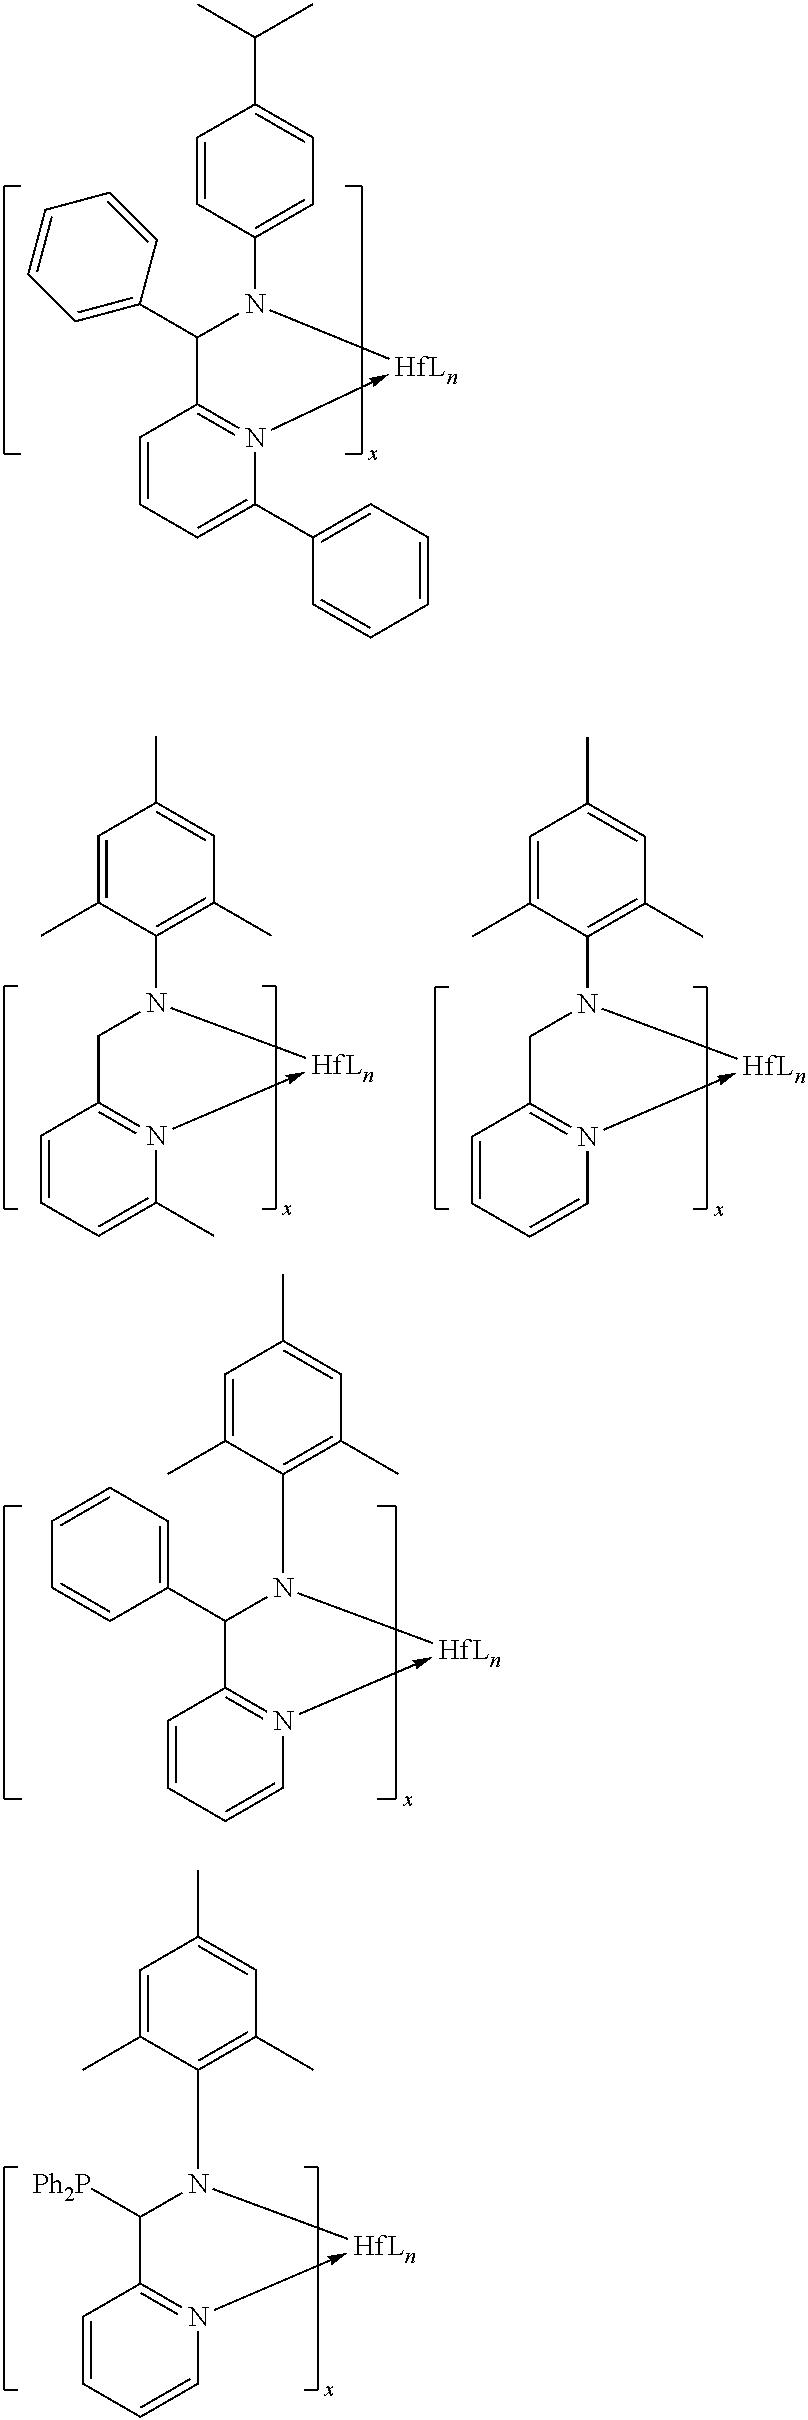 Figure US07897679-20110301-C00019